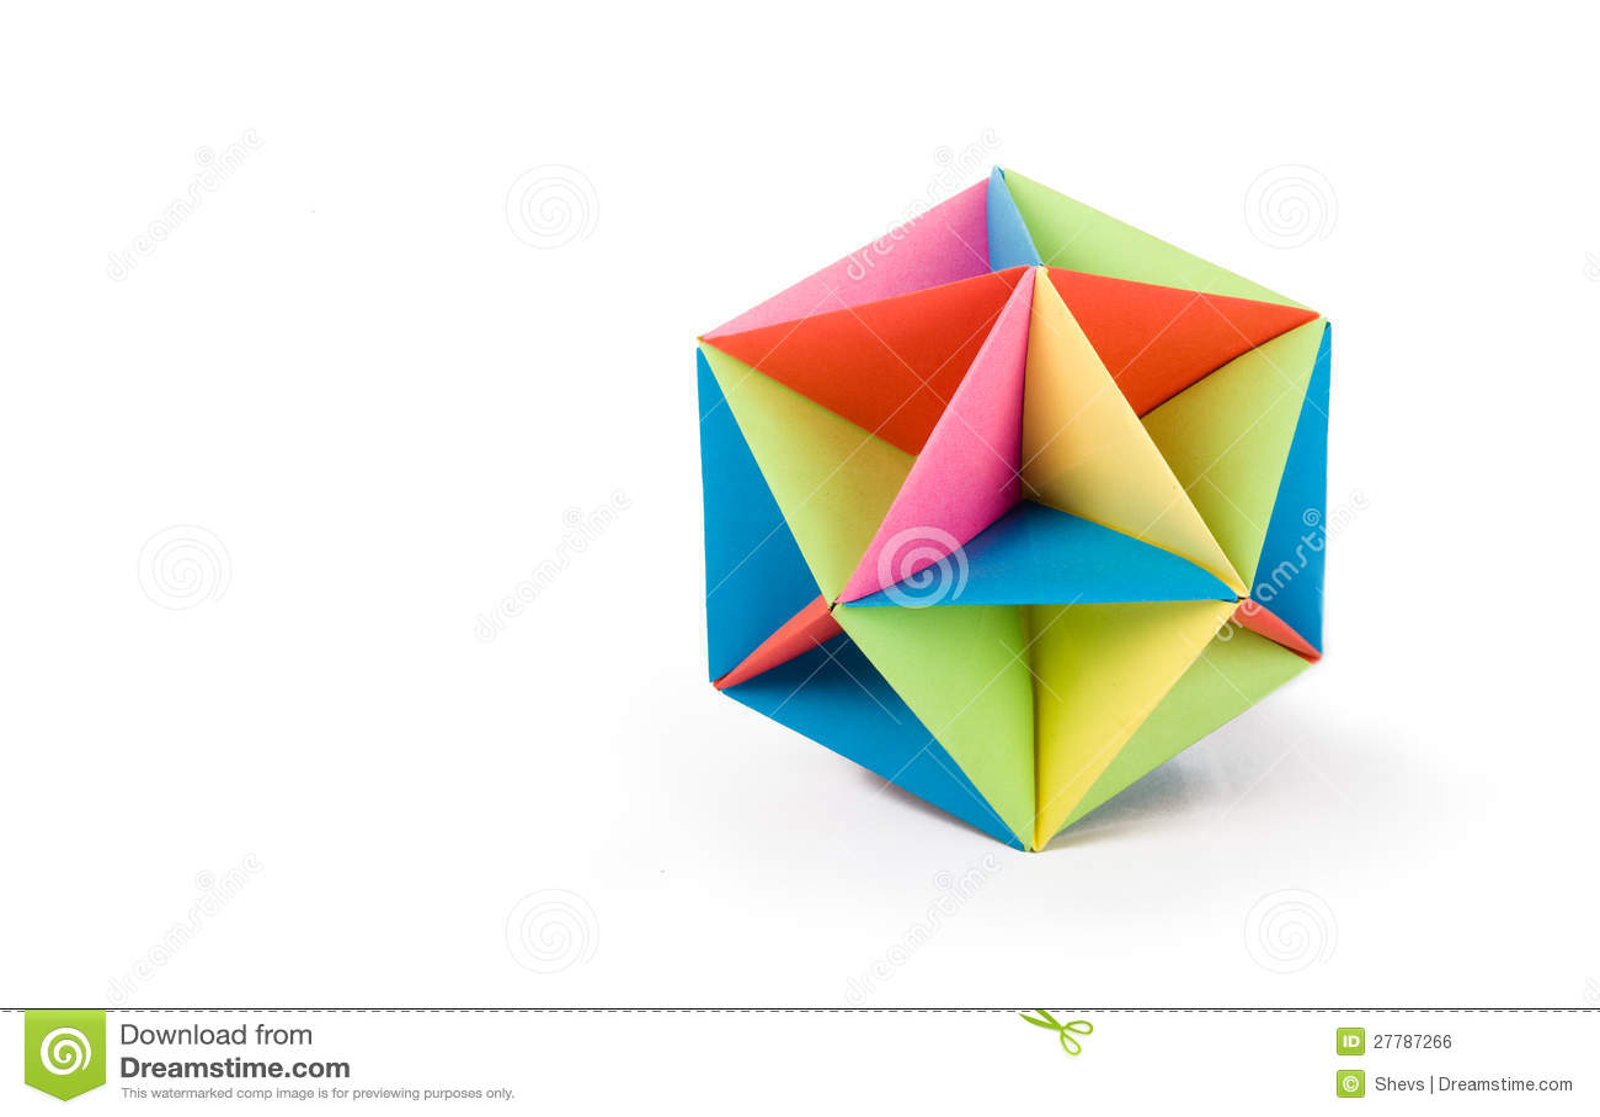 Origami Icosahedron - YouTube | 925x1300